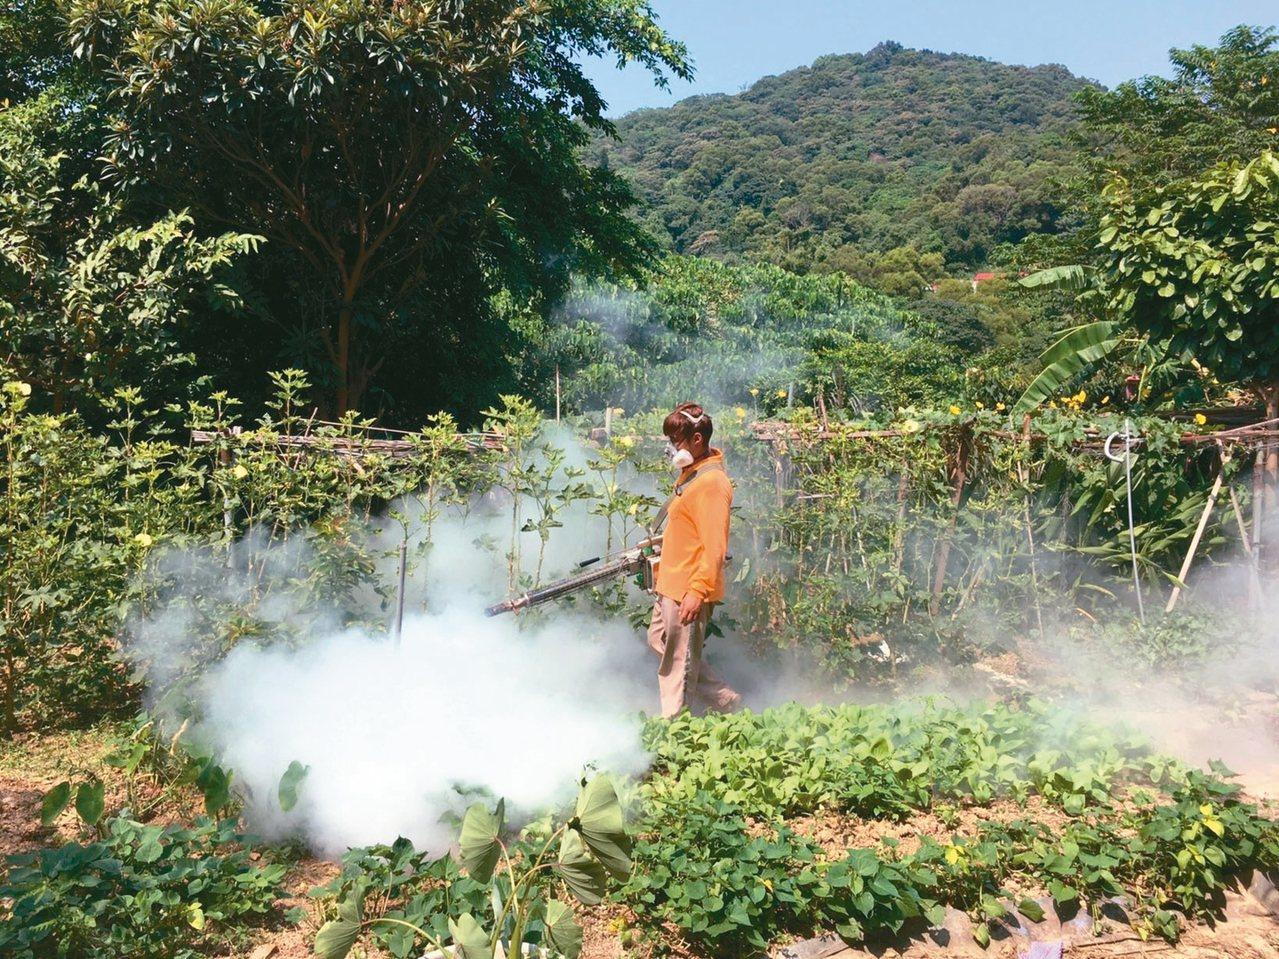 衛生局派員定期針對樹林區坡內里登革熱風險菜園藥物噴消。 圖/新北市衛生局提供